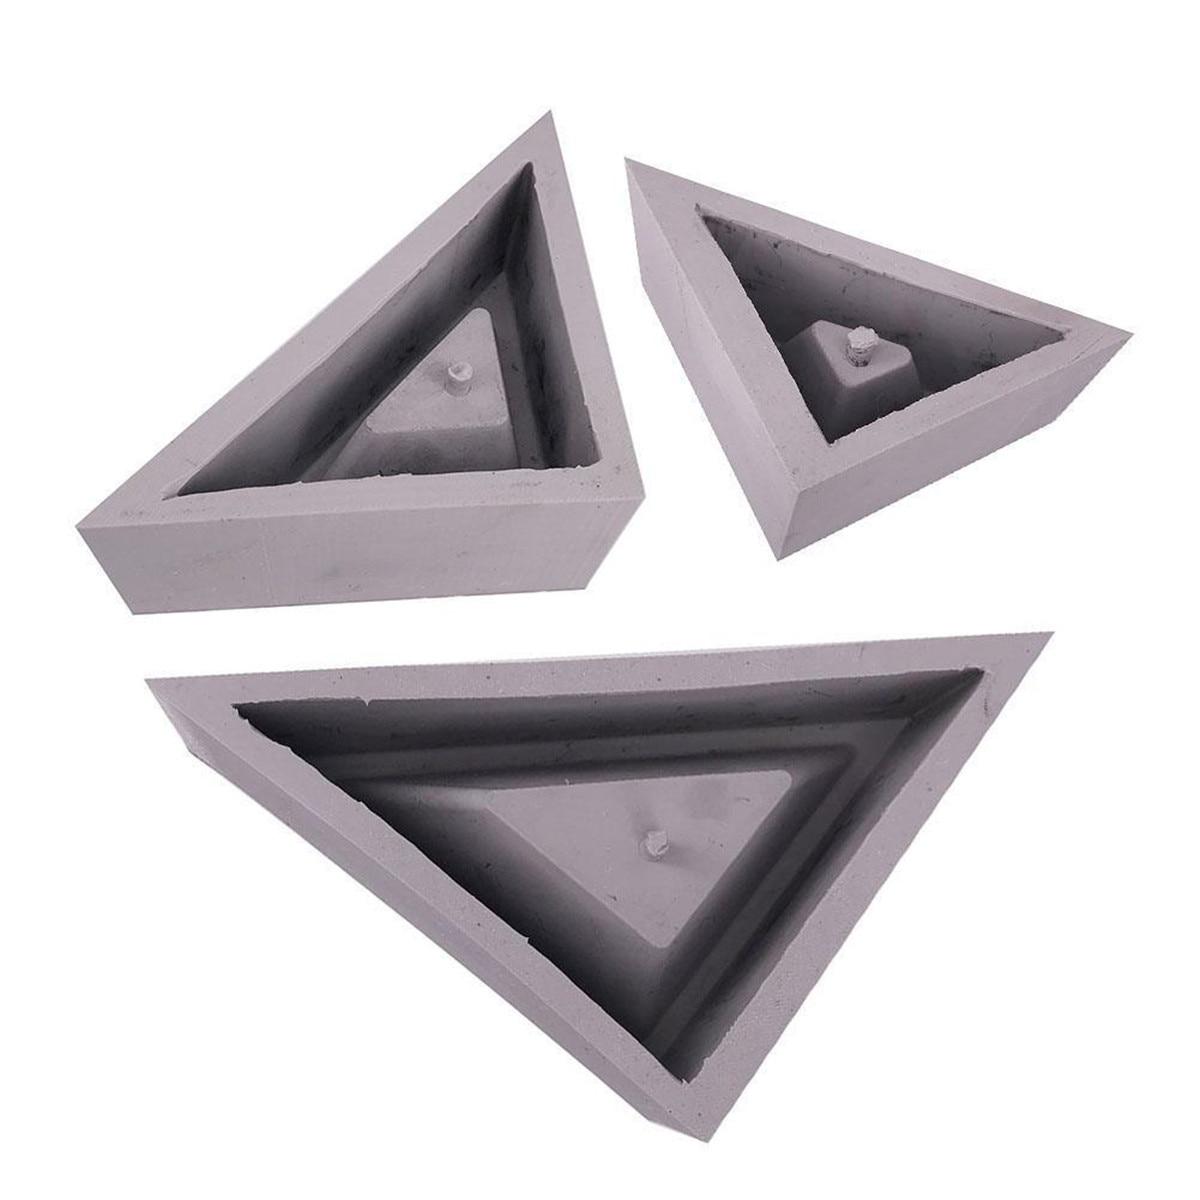 S/M/L 3D Triangle Flowerpot Silicone Mold Geometrics Vase Bonsai Flower Pot Planter Mould DIY Concrete Cement Clay Molds Crafts